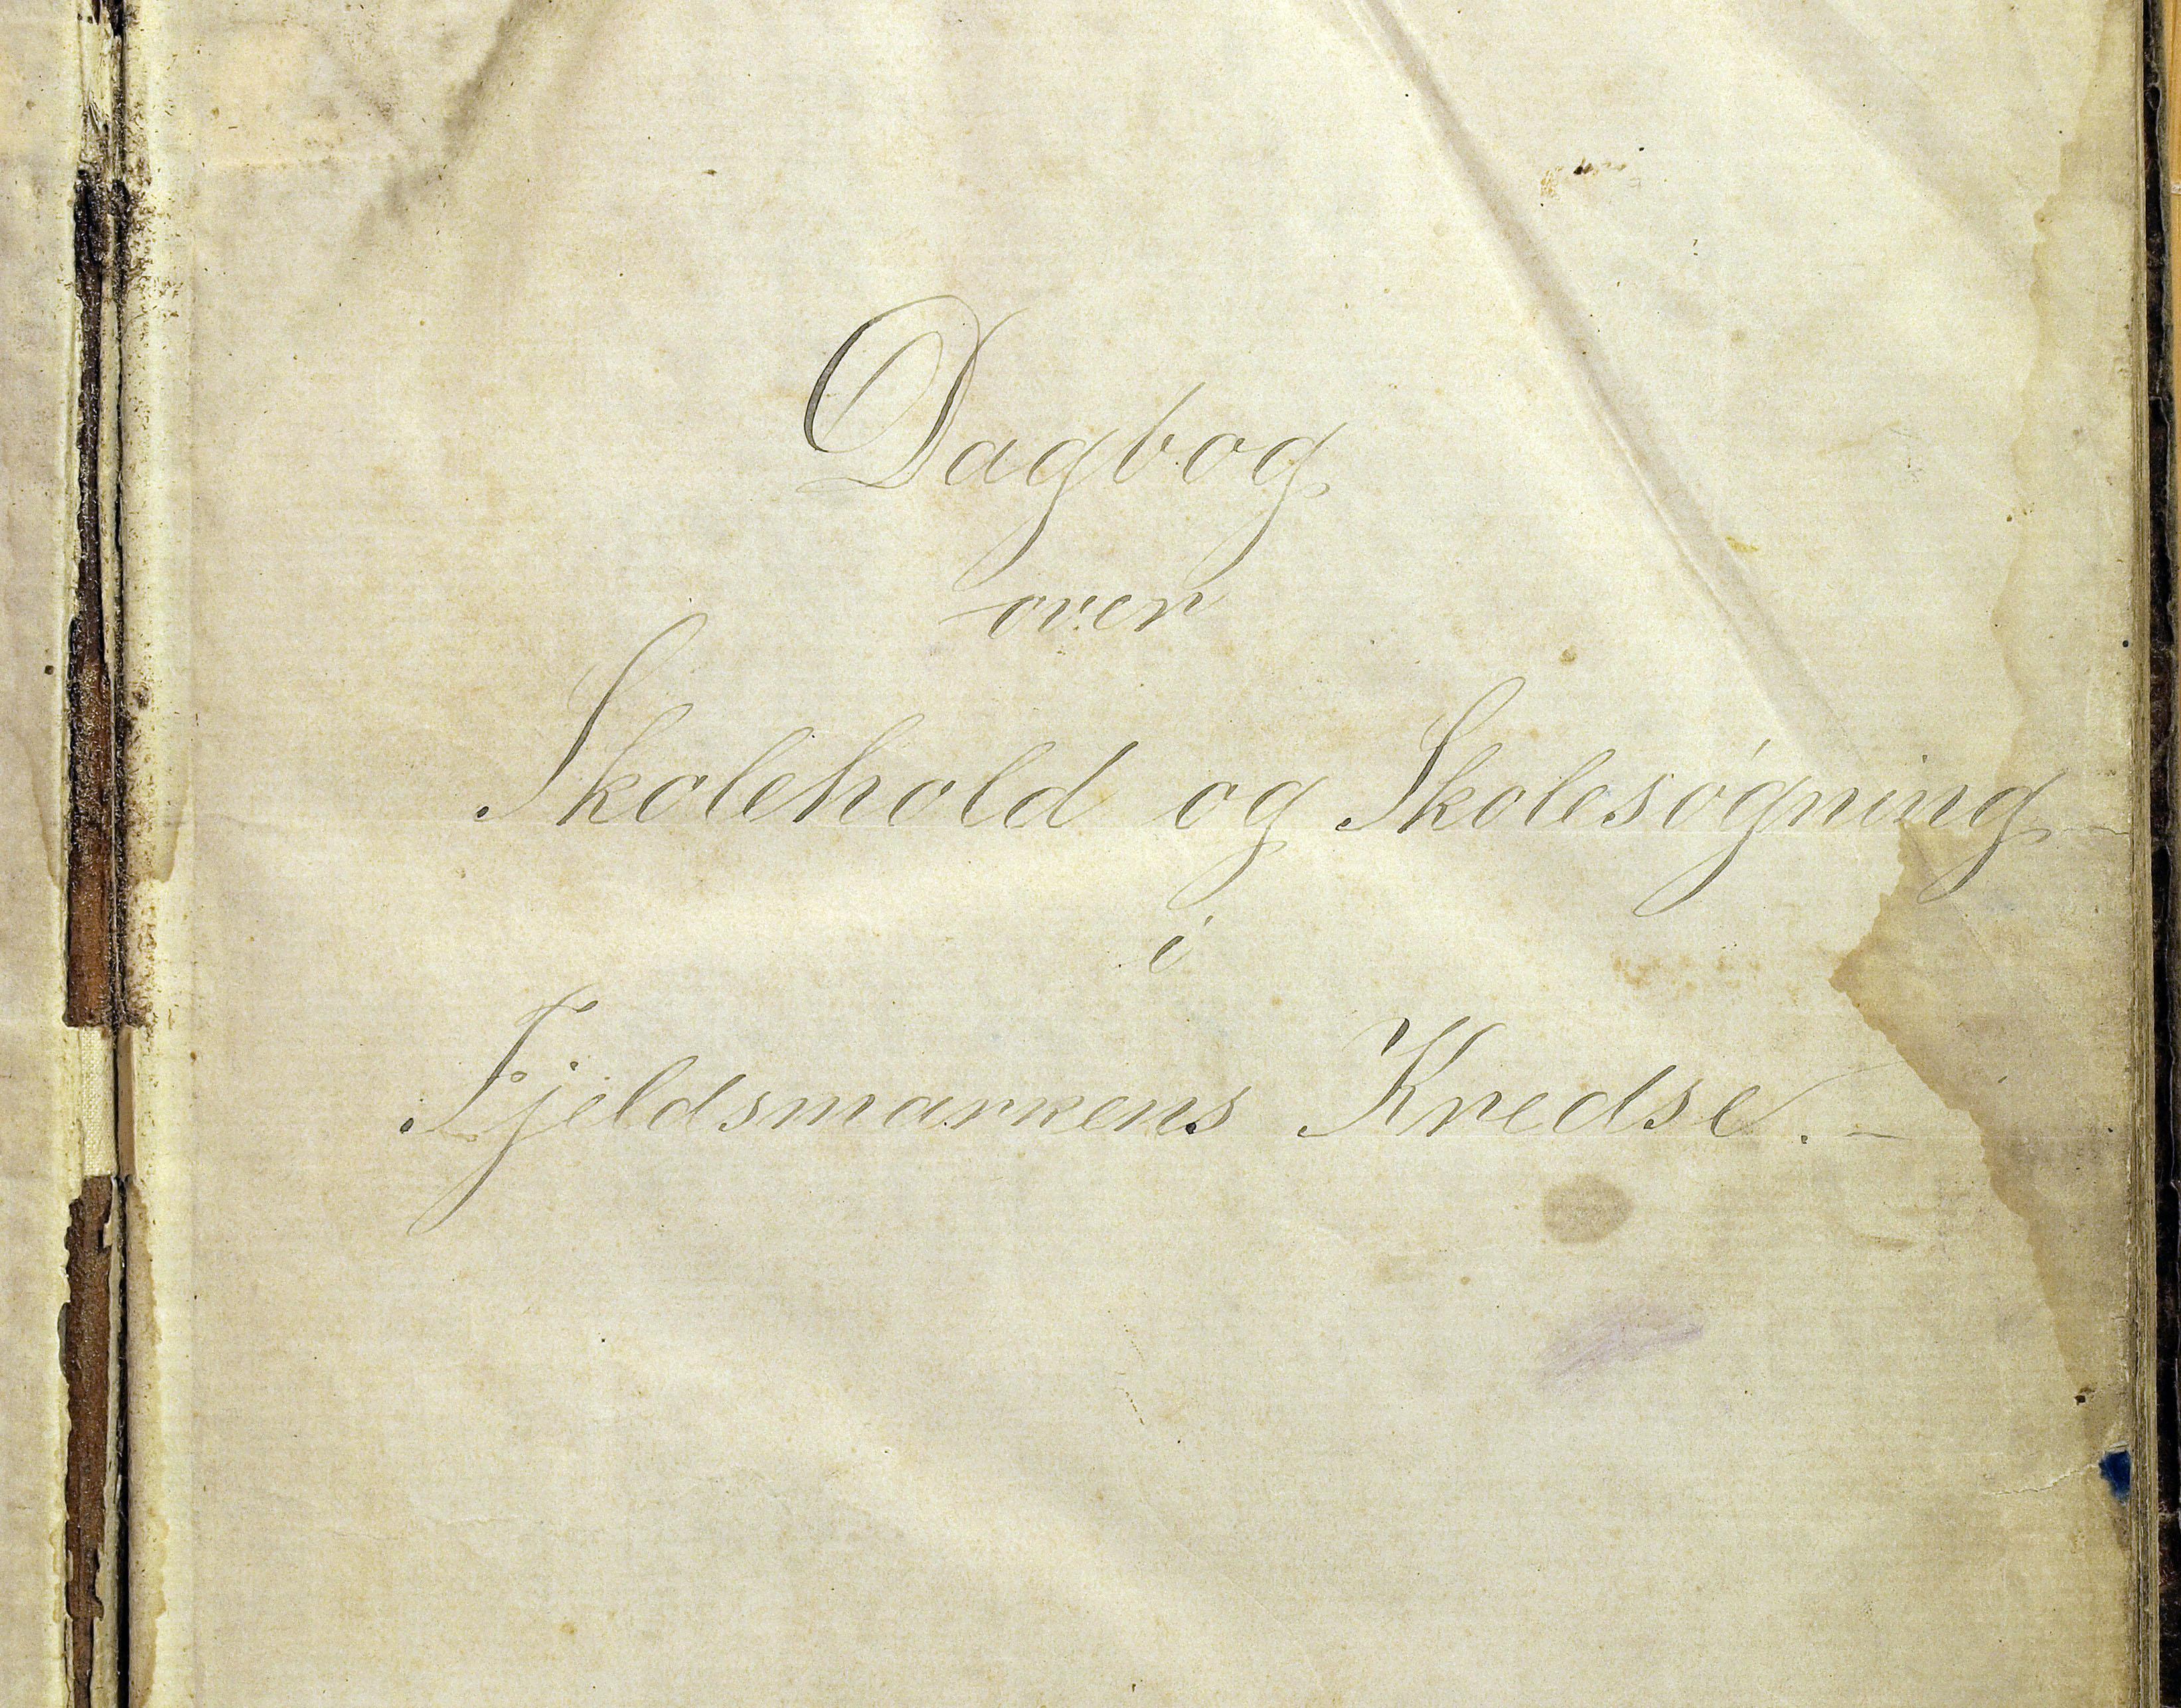 KVT, Vestre Toten kommunearkiv*, -: Skolehold- og skolesøkningsprotokoll, Fjeldsmarken krets i Vestre Toten skolekommune, 1863-1885, p. 1